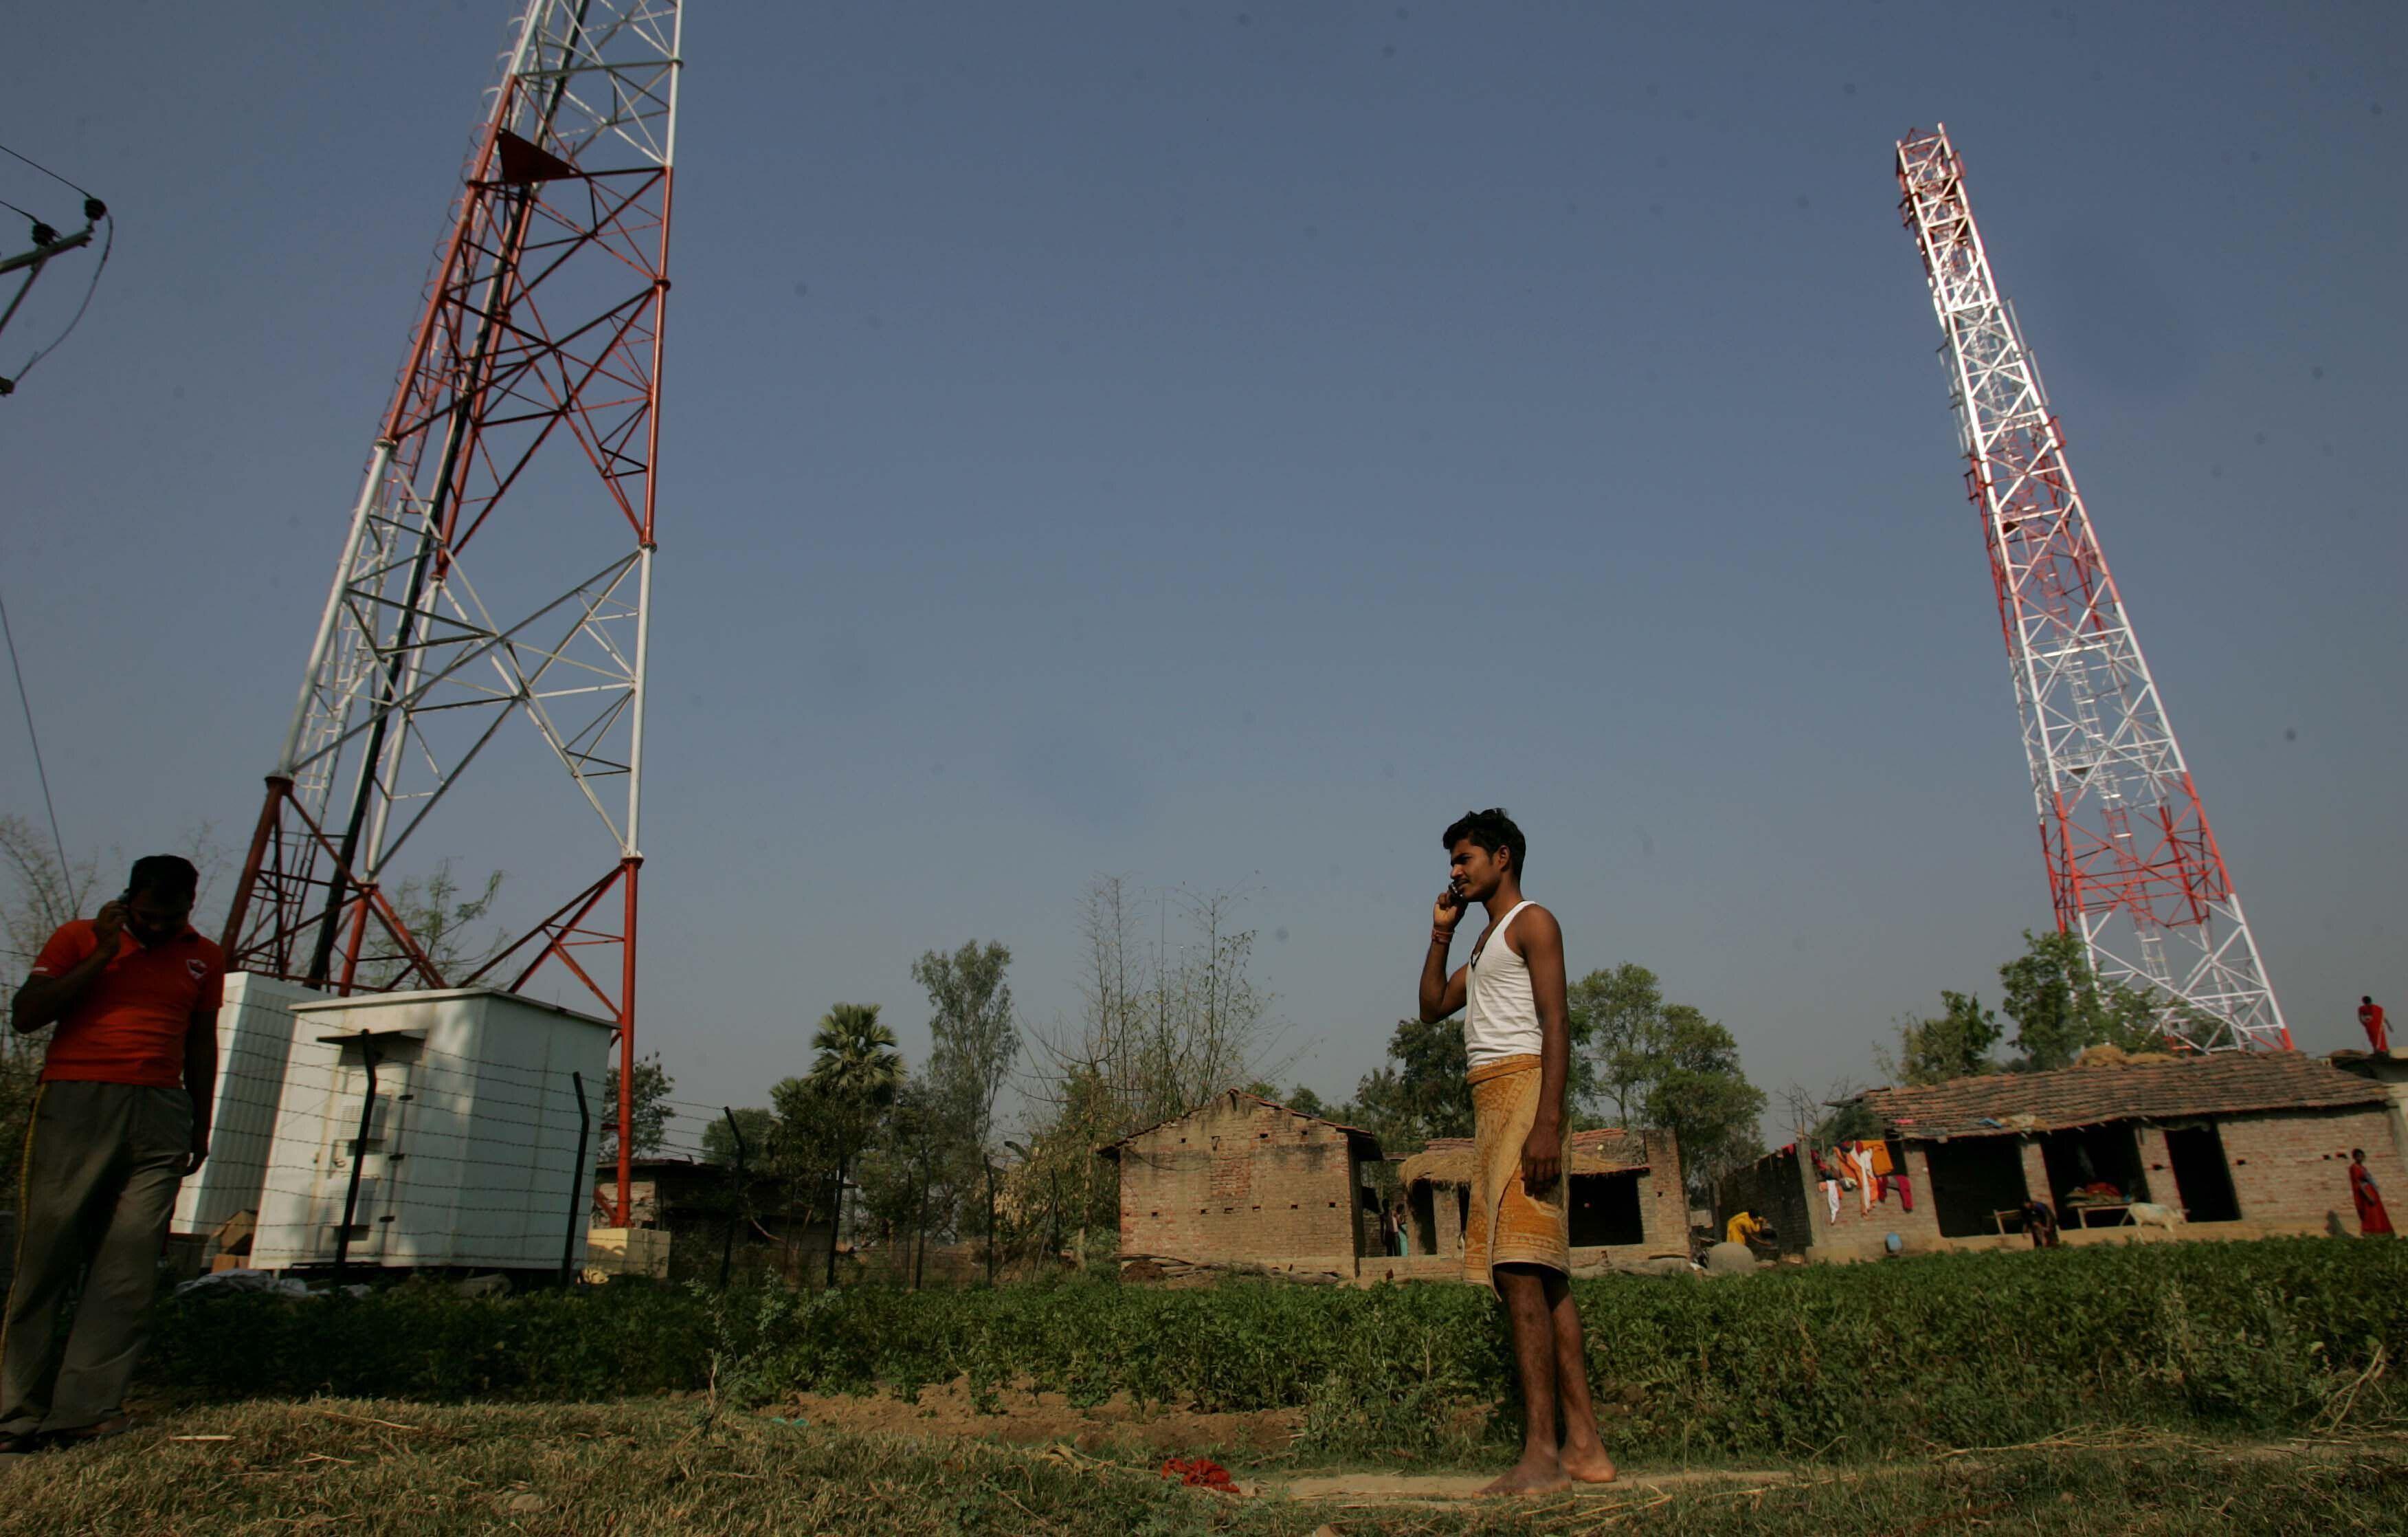 印度计划推出费用低廉联网服务 拟覆盖15万村庄